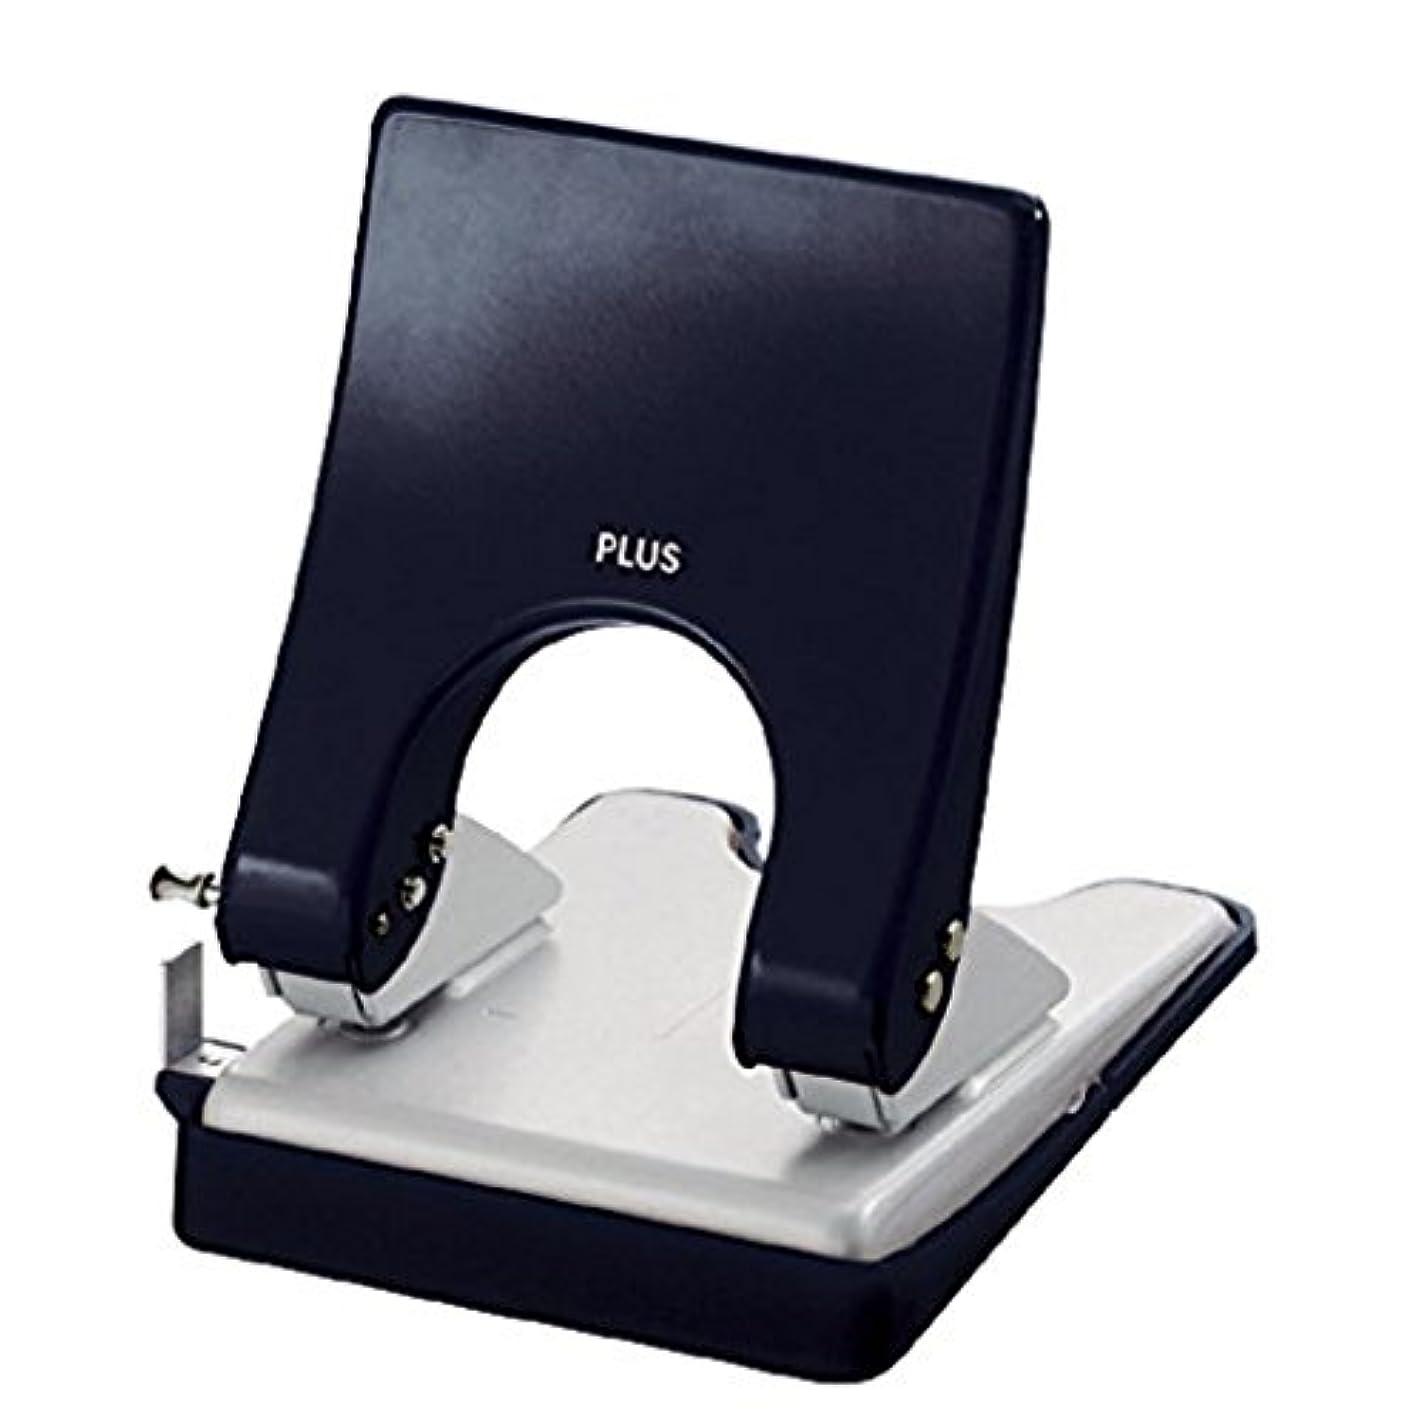 課税縫う飾る(まとめ買い)プラス パンチ フォース1/2 M PU-830A 黒 【×3セット】